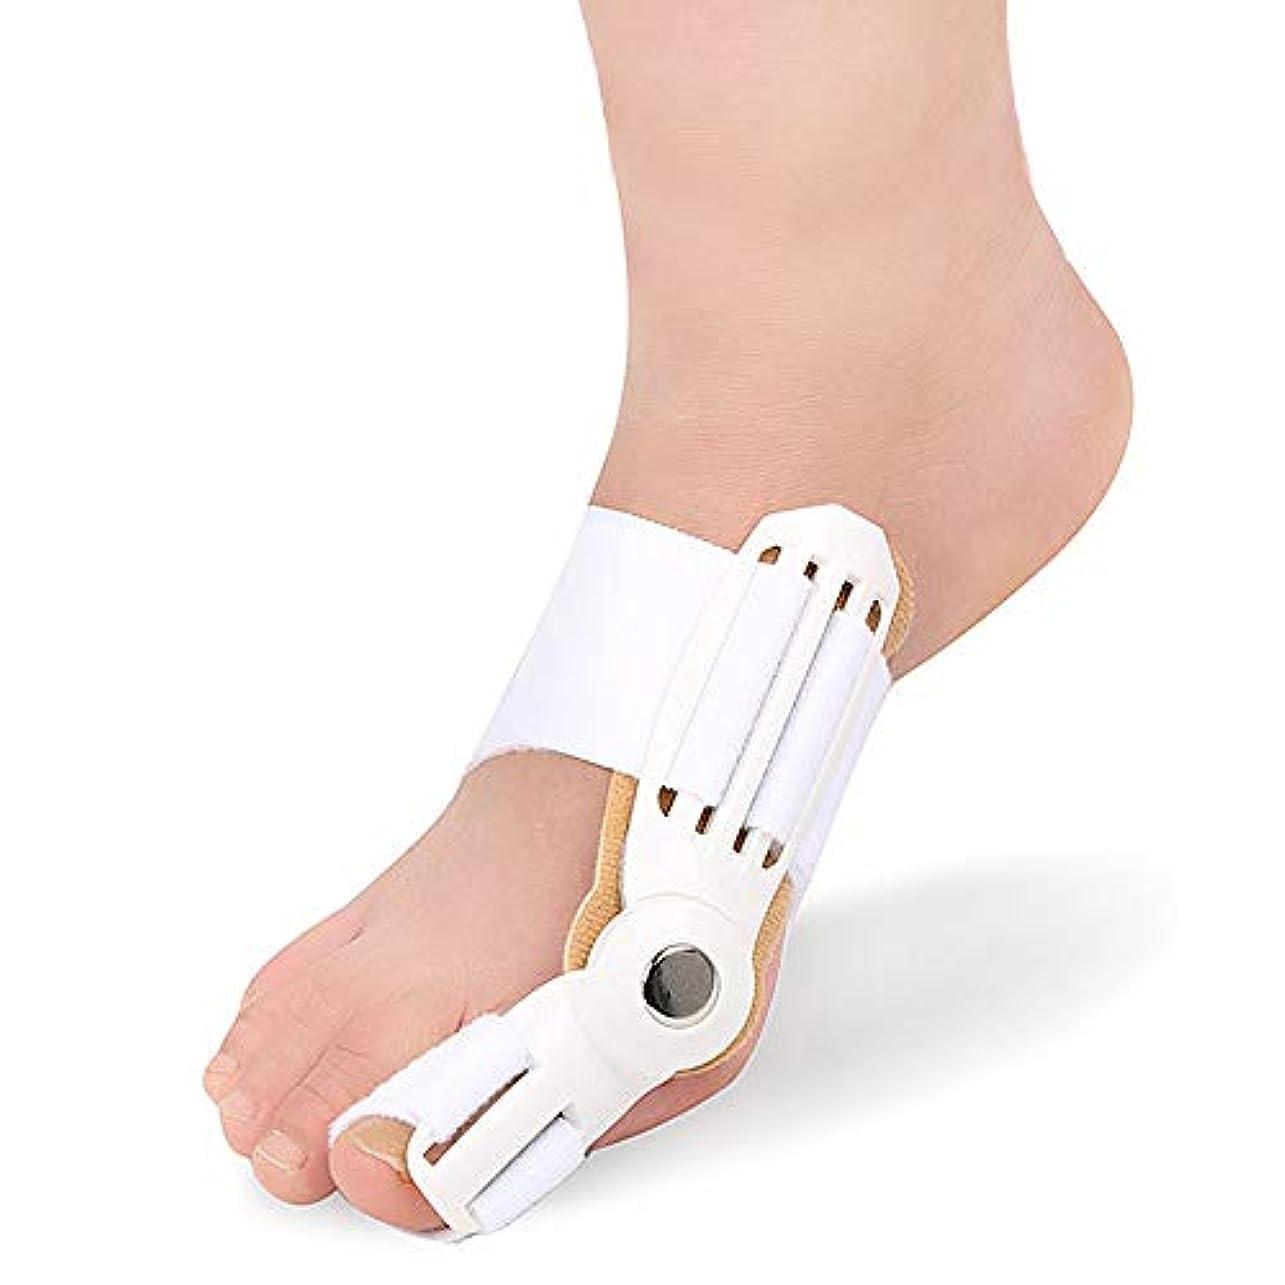 杖一部リスナーつま先セパレーターは、ヨガのエクササイズ後のつま先重なりの腱板ユニバーサル左右ワンサイズ予防の痛みと変形を防ぎます,白